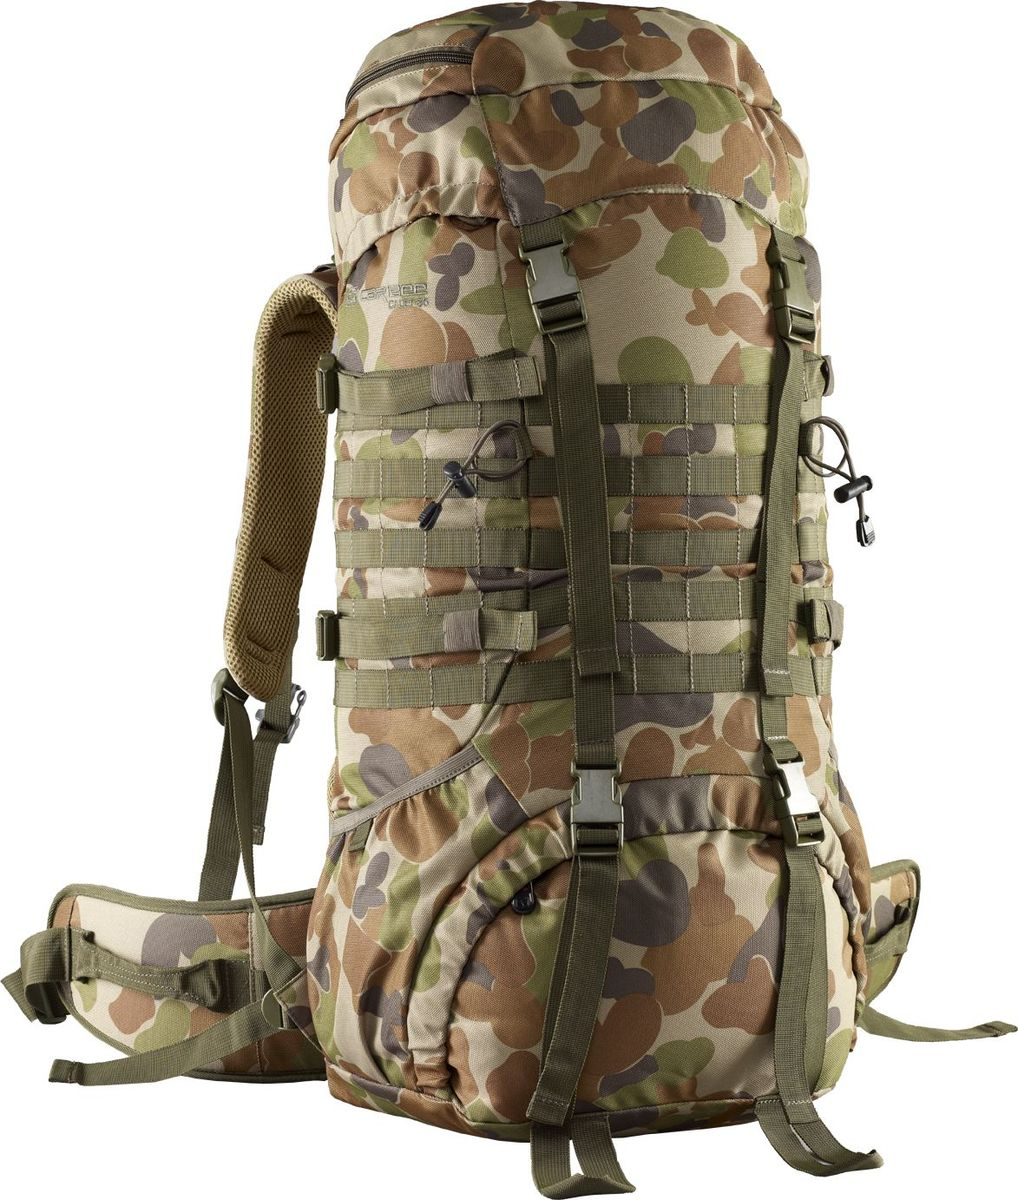 Рюкзак туристический Caribee Cadet, 65 л6940Рюкзак Caribee Cadet - трекинговый рюкзак для различных видов путешествий, выполнен в военном стиле. Особенности модели:- спинка изделия изготовлена по системе AirFlo, которая позволяет воздуху свободно циркулировать между спиной и каркасной системой;- широкий фиксирующий разгрузочный пояс, позволяющий снизить нагрузку на позвоночник, оснащен петлями для крепления дополнительного оборудования;- предусмотрена возможность регулировки лямочной системы;- нагрудная стяжка оснащена сигнальным свистком.